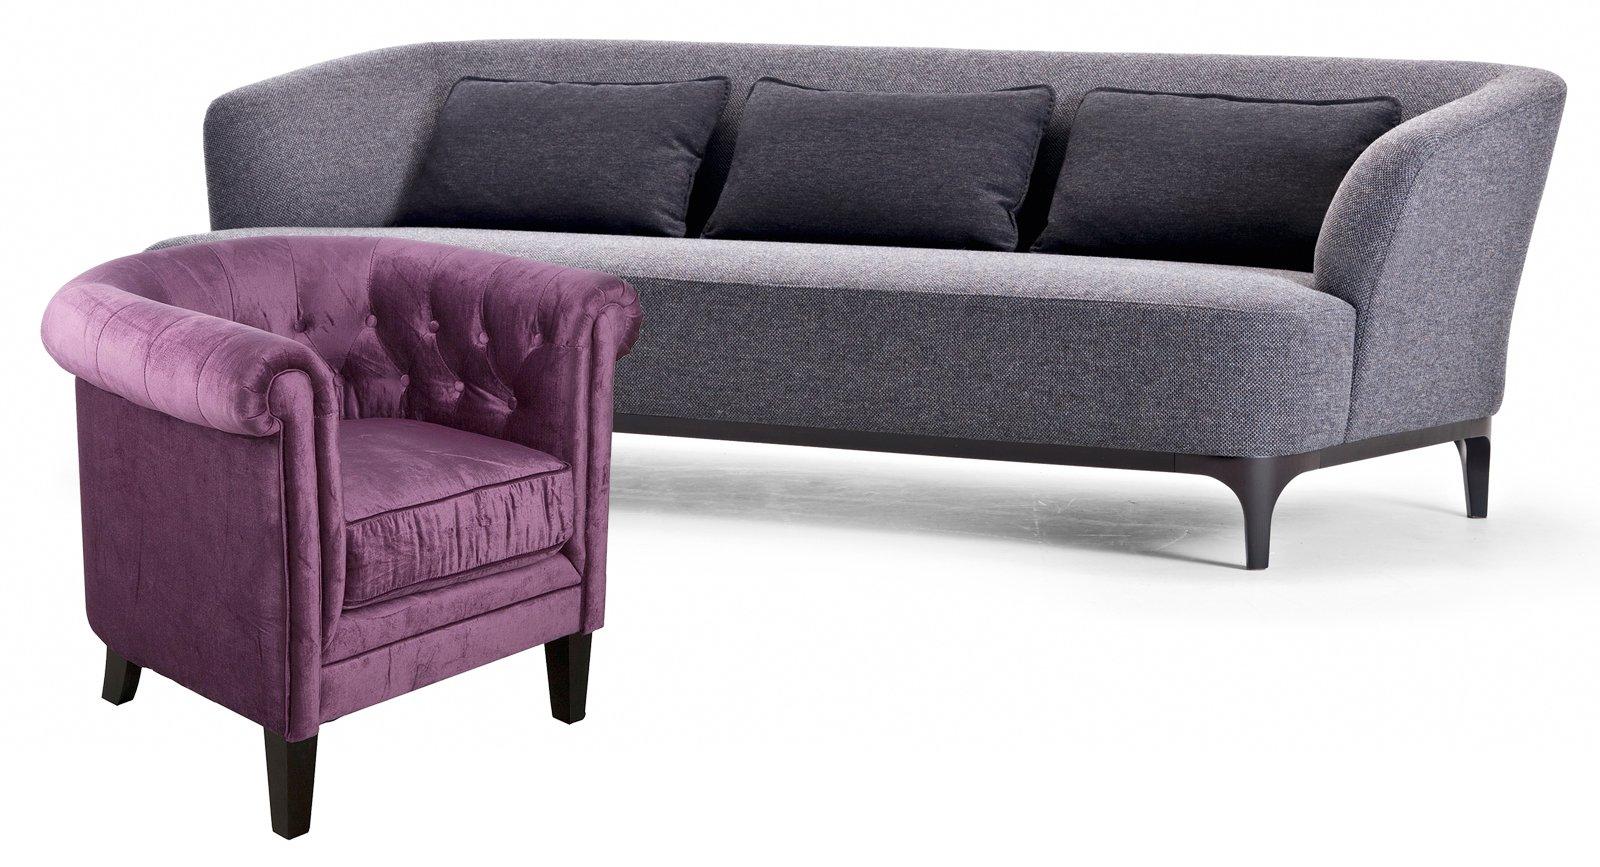 Poltrona e divano idee per abbinarli cose di casa - Divano angolare prezzo basso ...